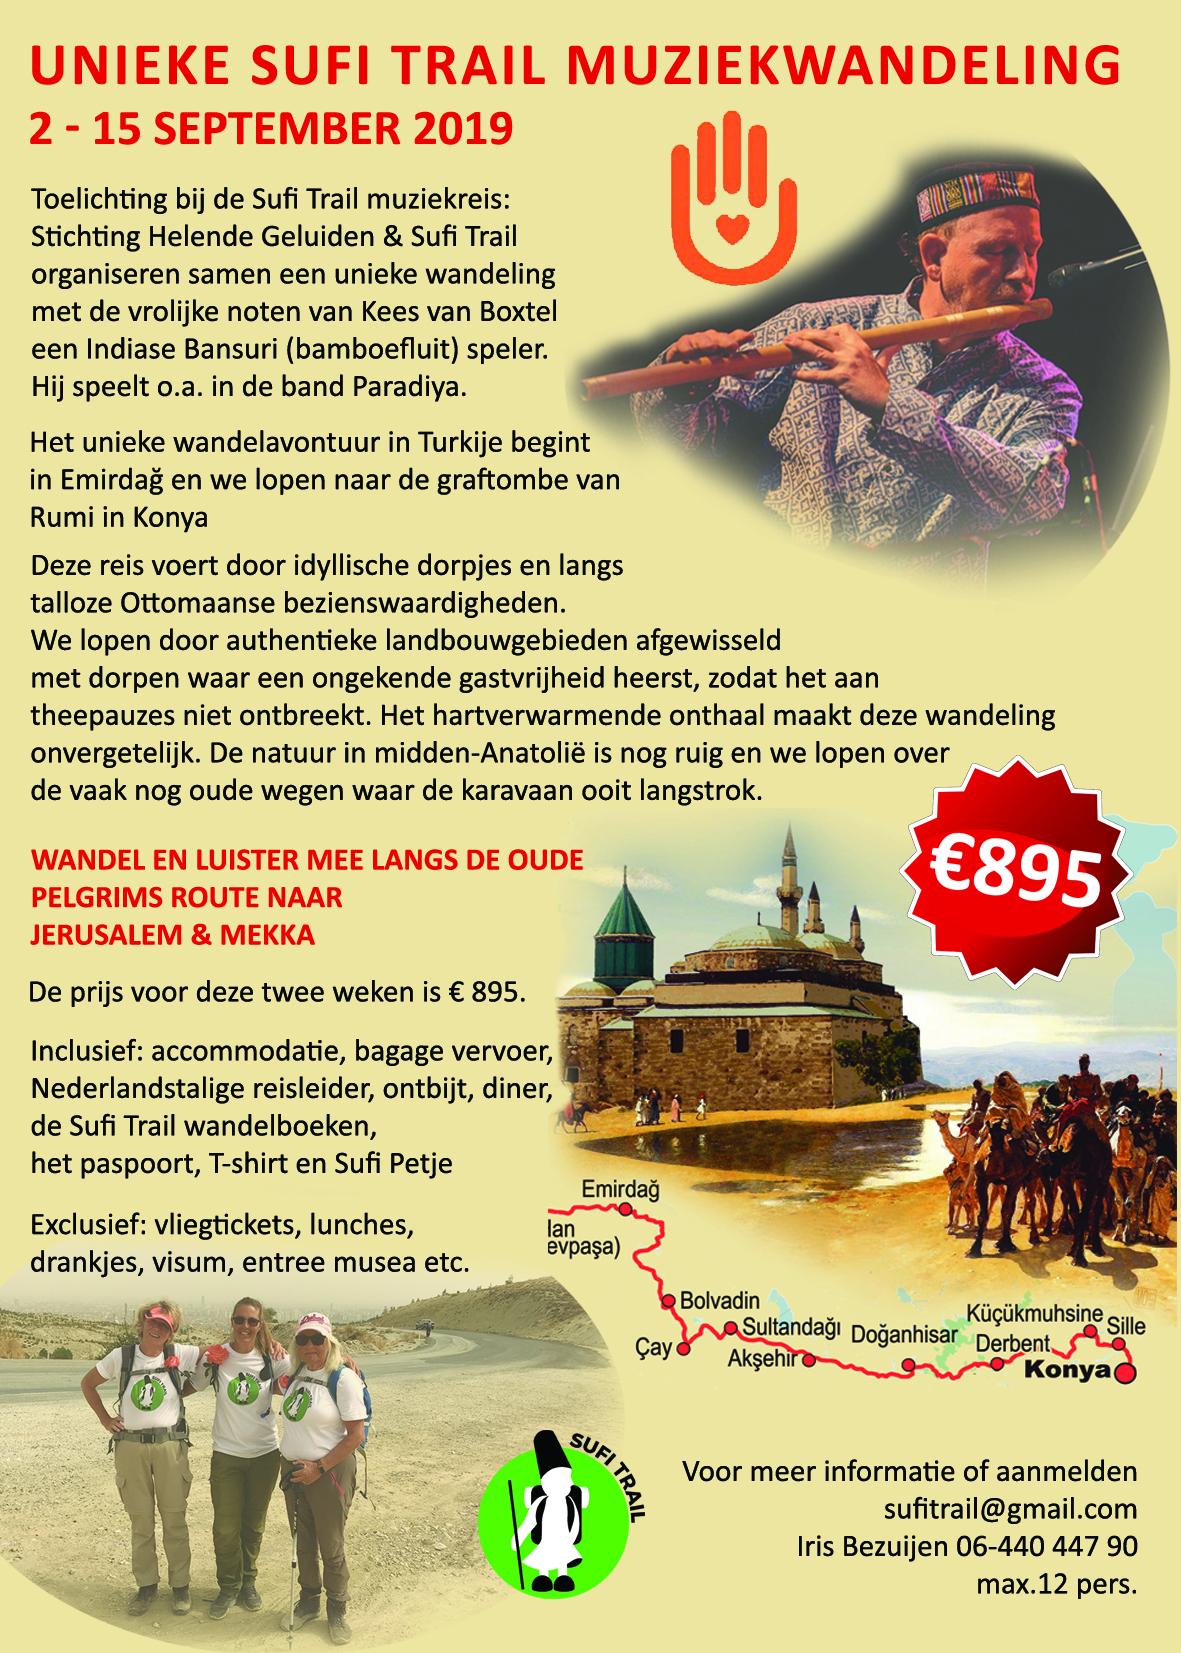 Advertentie voor de Muziekwandeling op de Sufi Trail